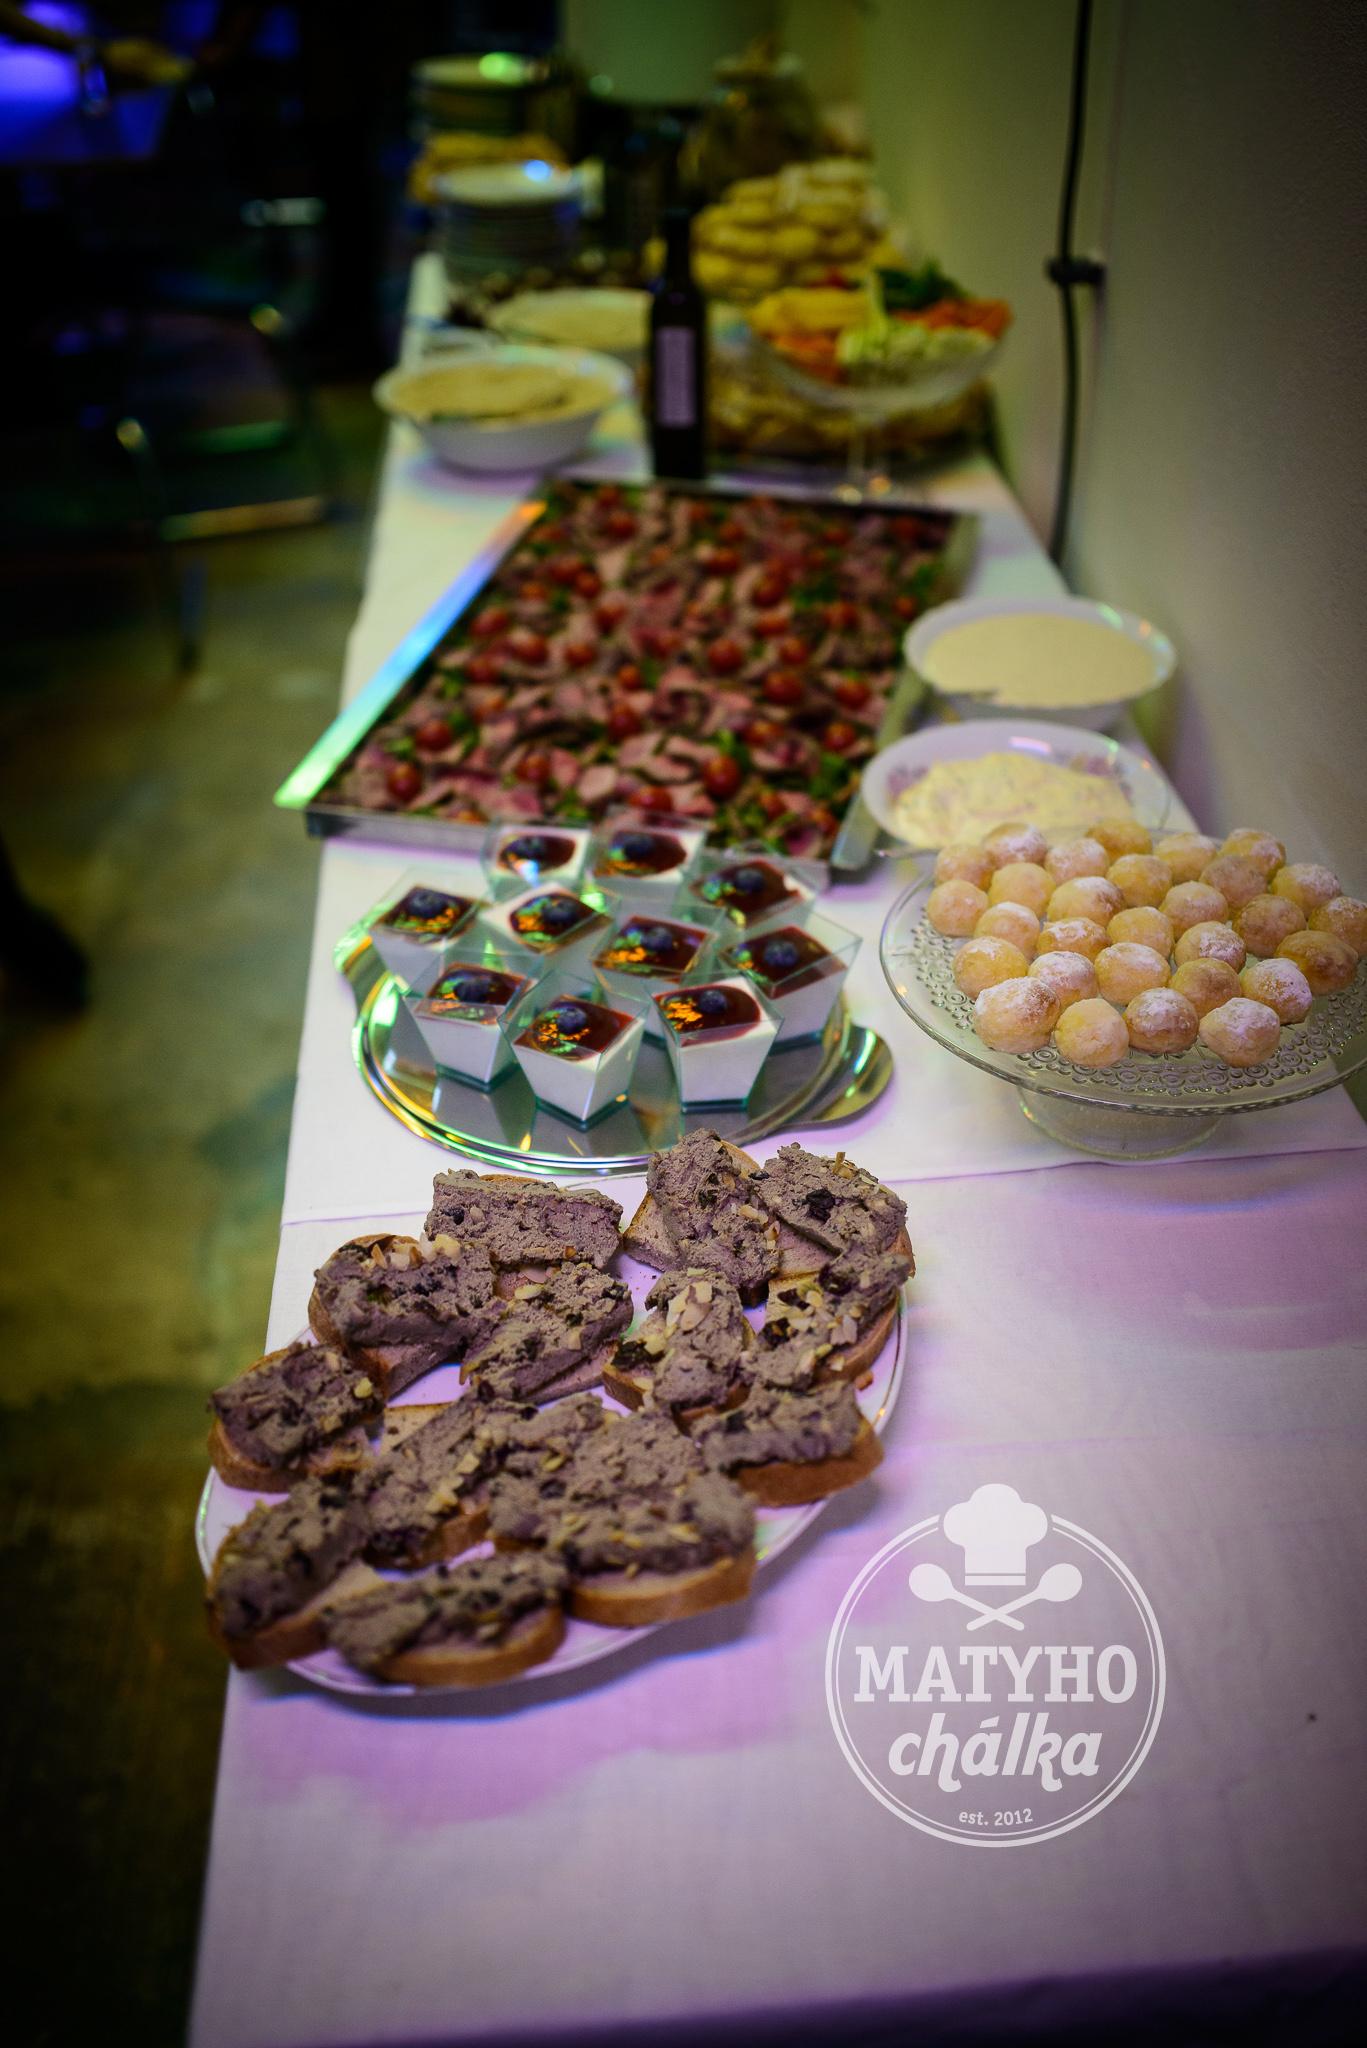 Paštika z husích jater, Panna Cotta, koláčky, dva druhy hummusu, roastbeef